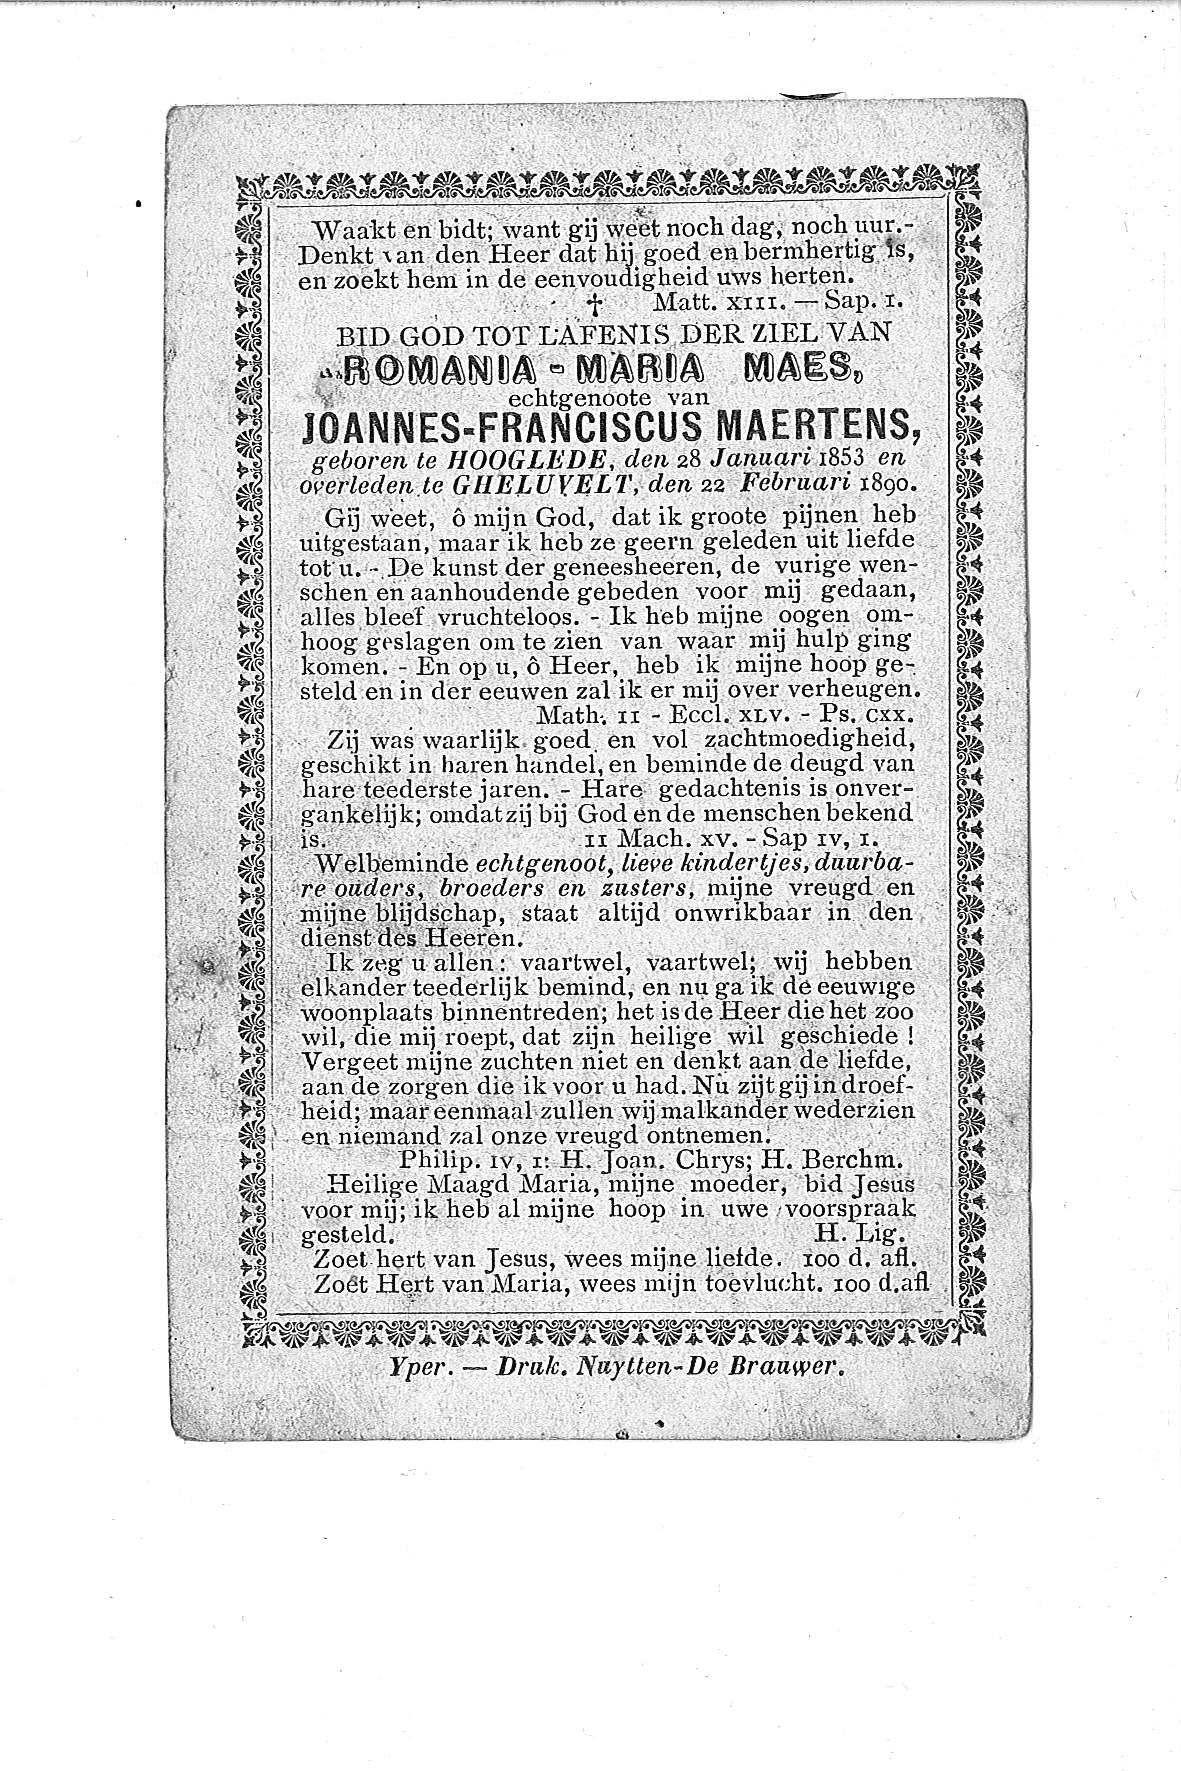 Romania-Maria-Maes-Joannes-Franciscus(1890)20100118152315_00026.jpg